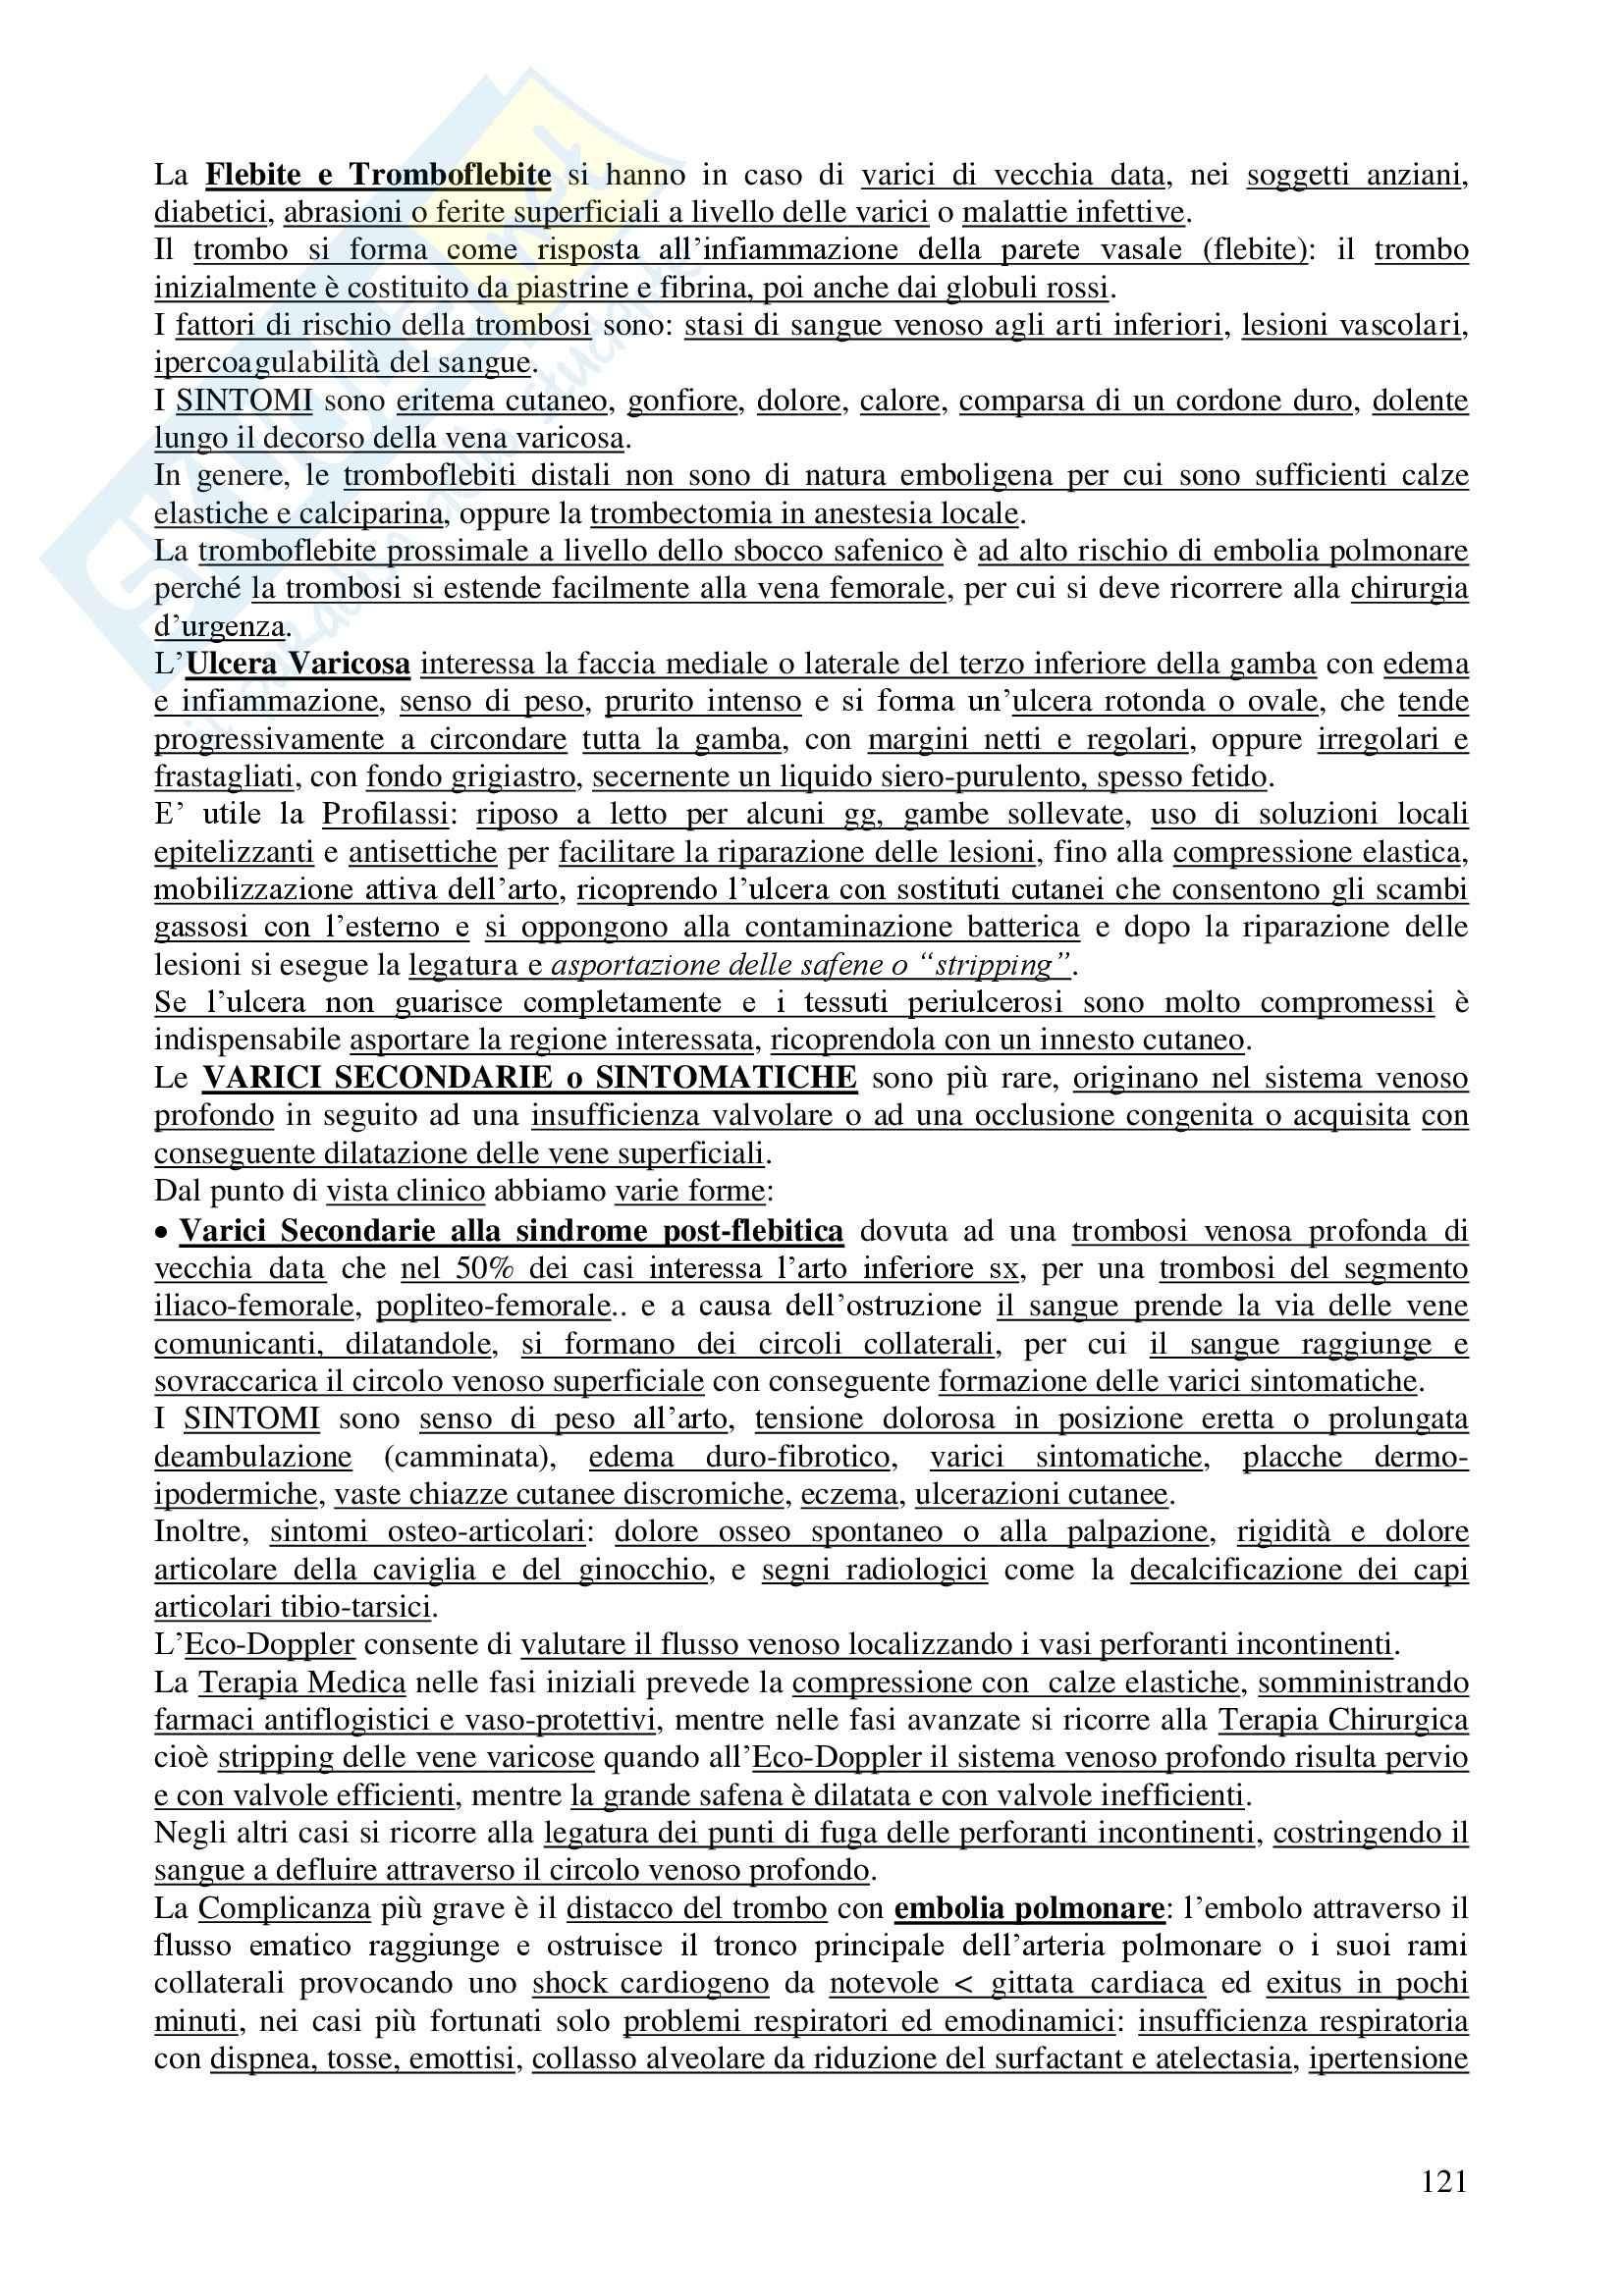 Chirurgia - chirurgia generale - Appunti Pag. 121